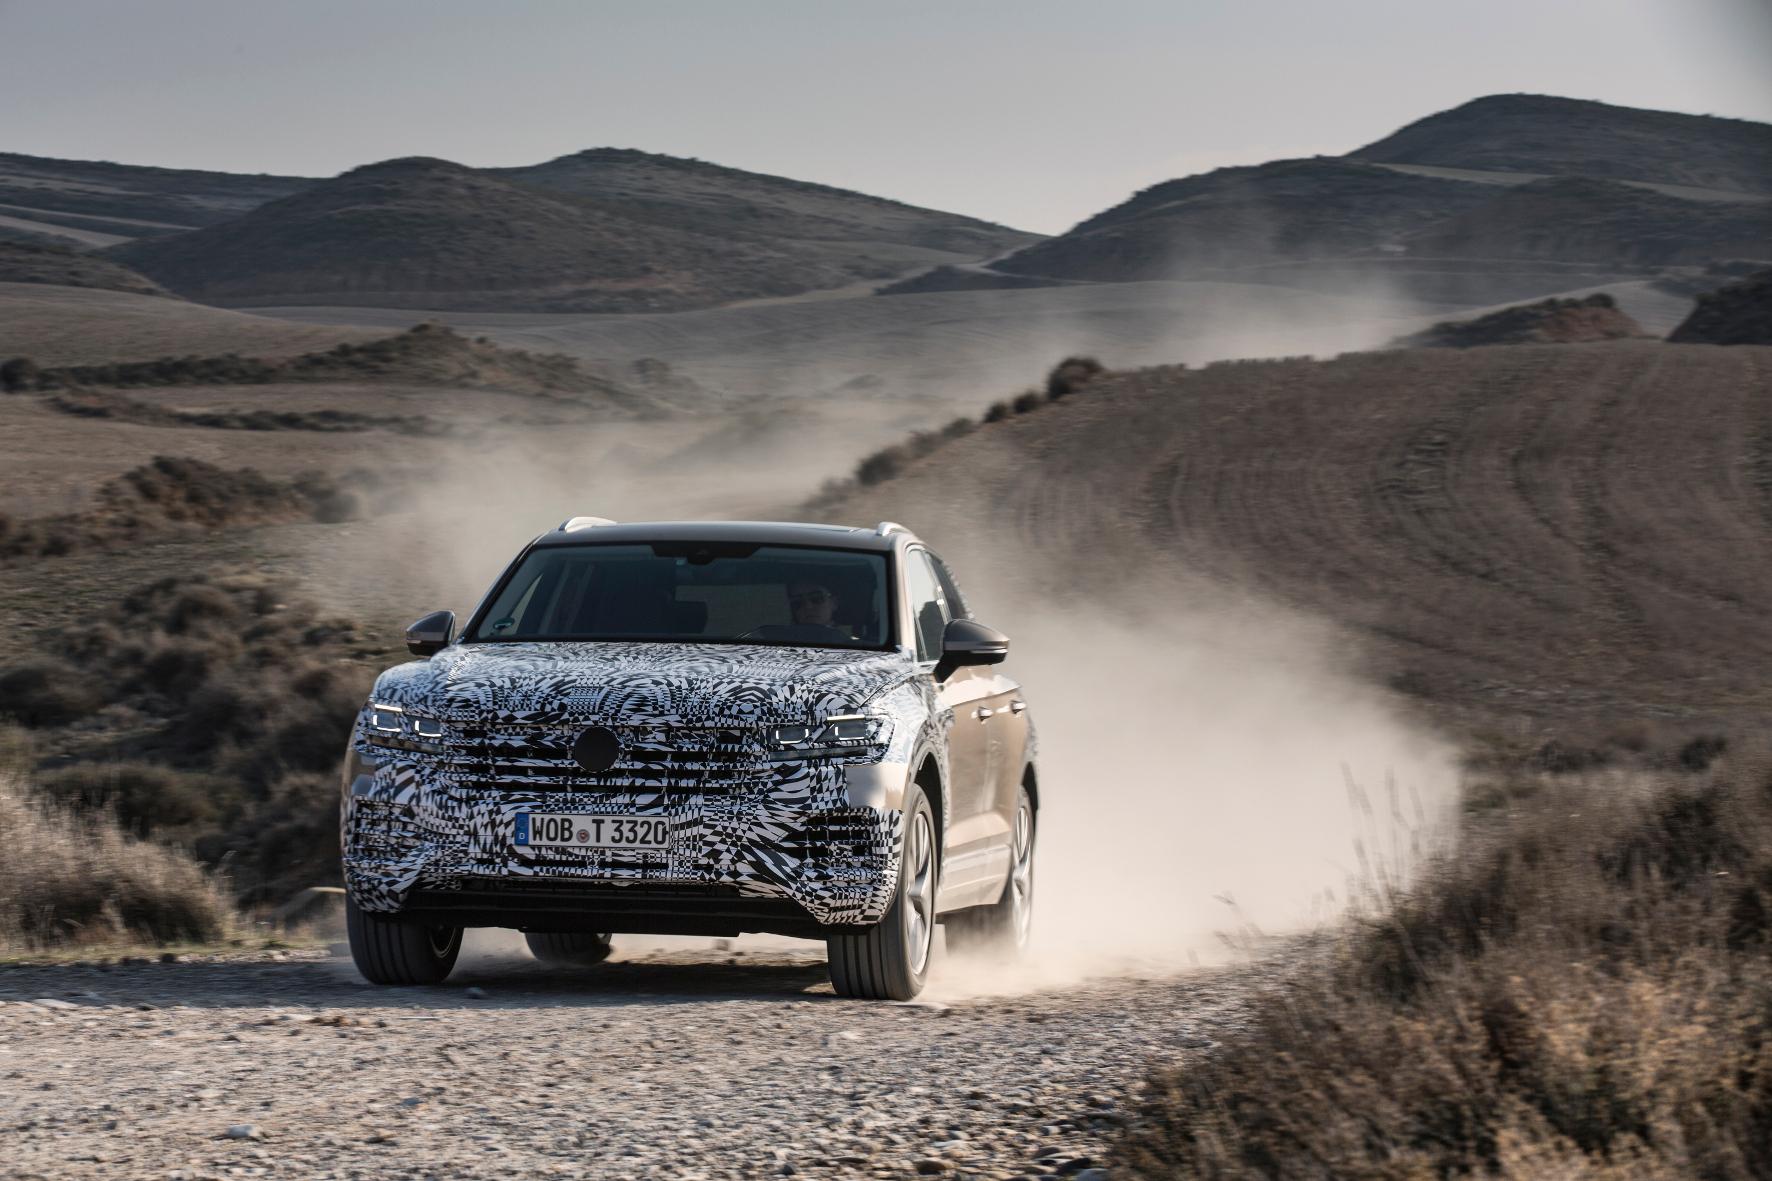 Noch getarnt, dennoch lässt sich die breit geschwellte Brust erkennen: der neue VW Touareg.